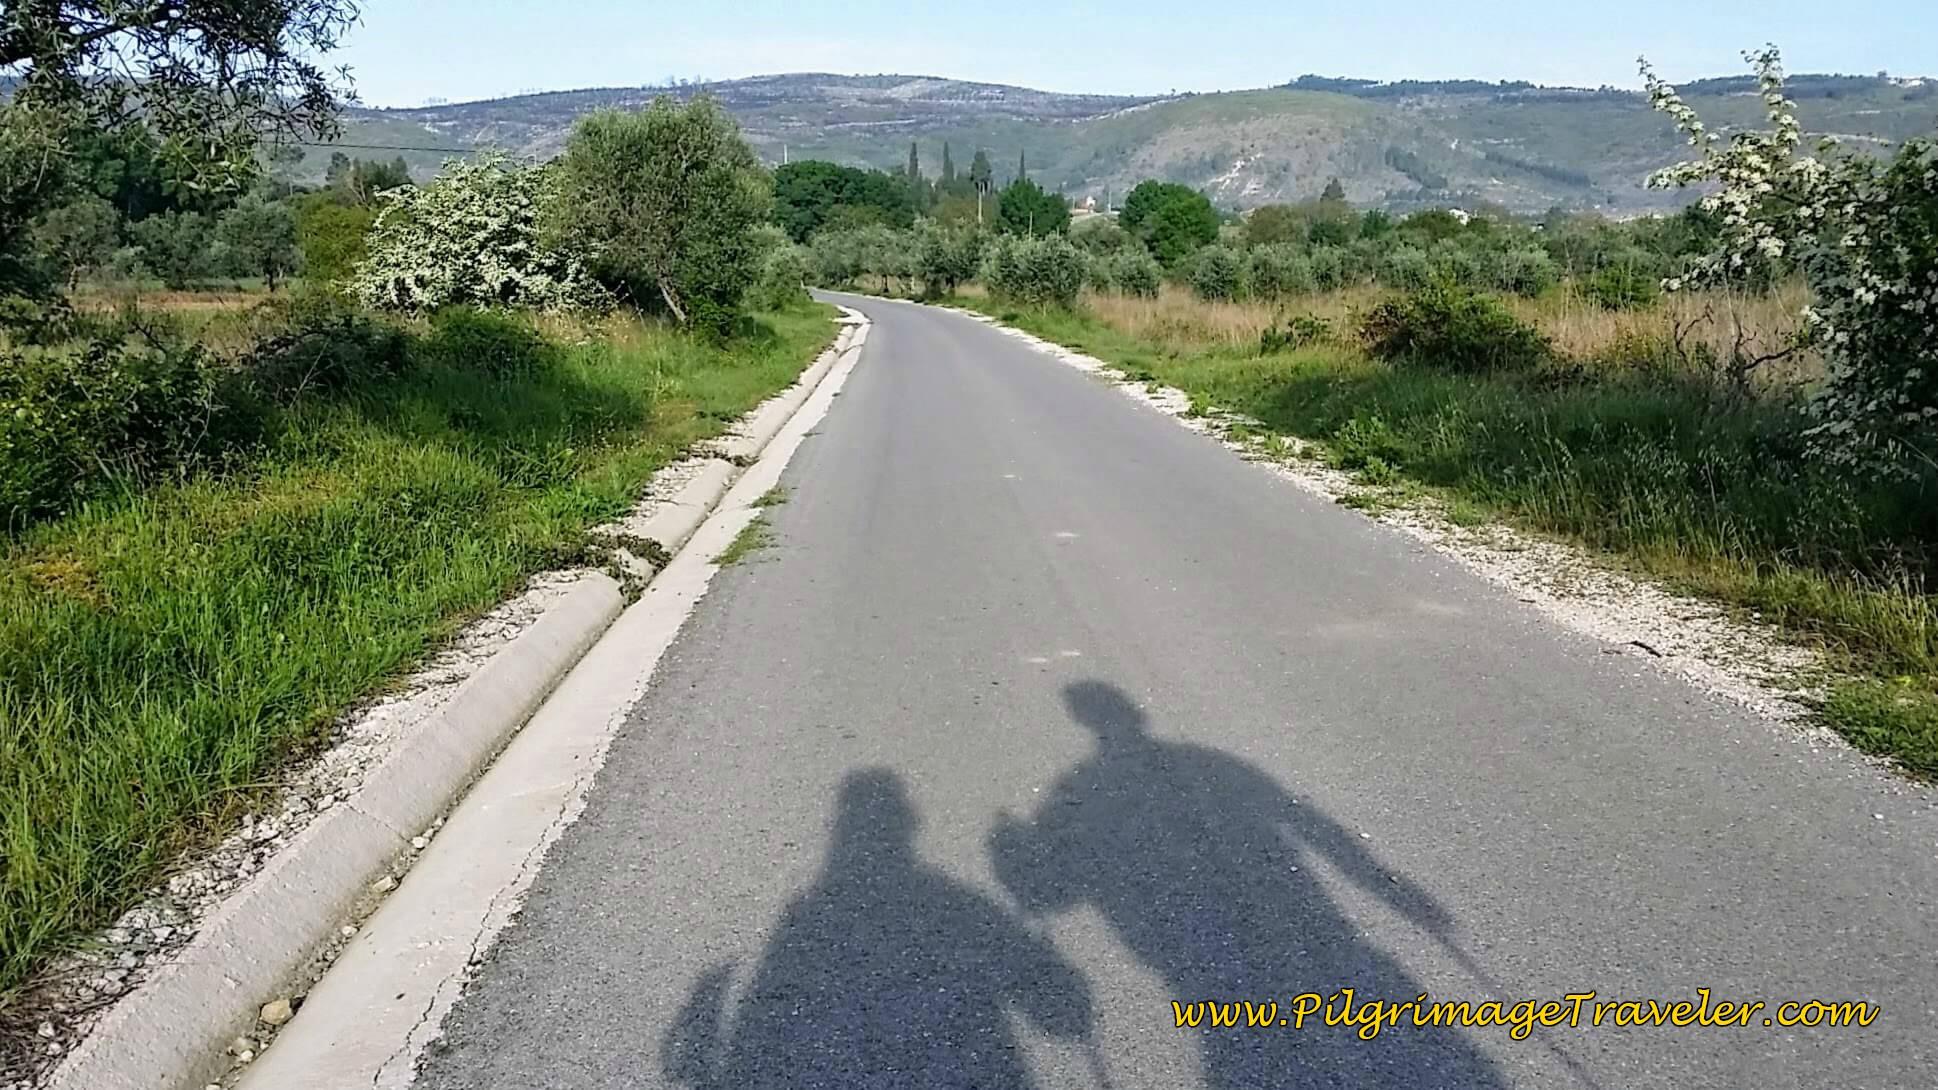 Left Turn on Pavement Toward Rabaçal